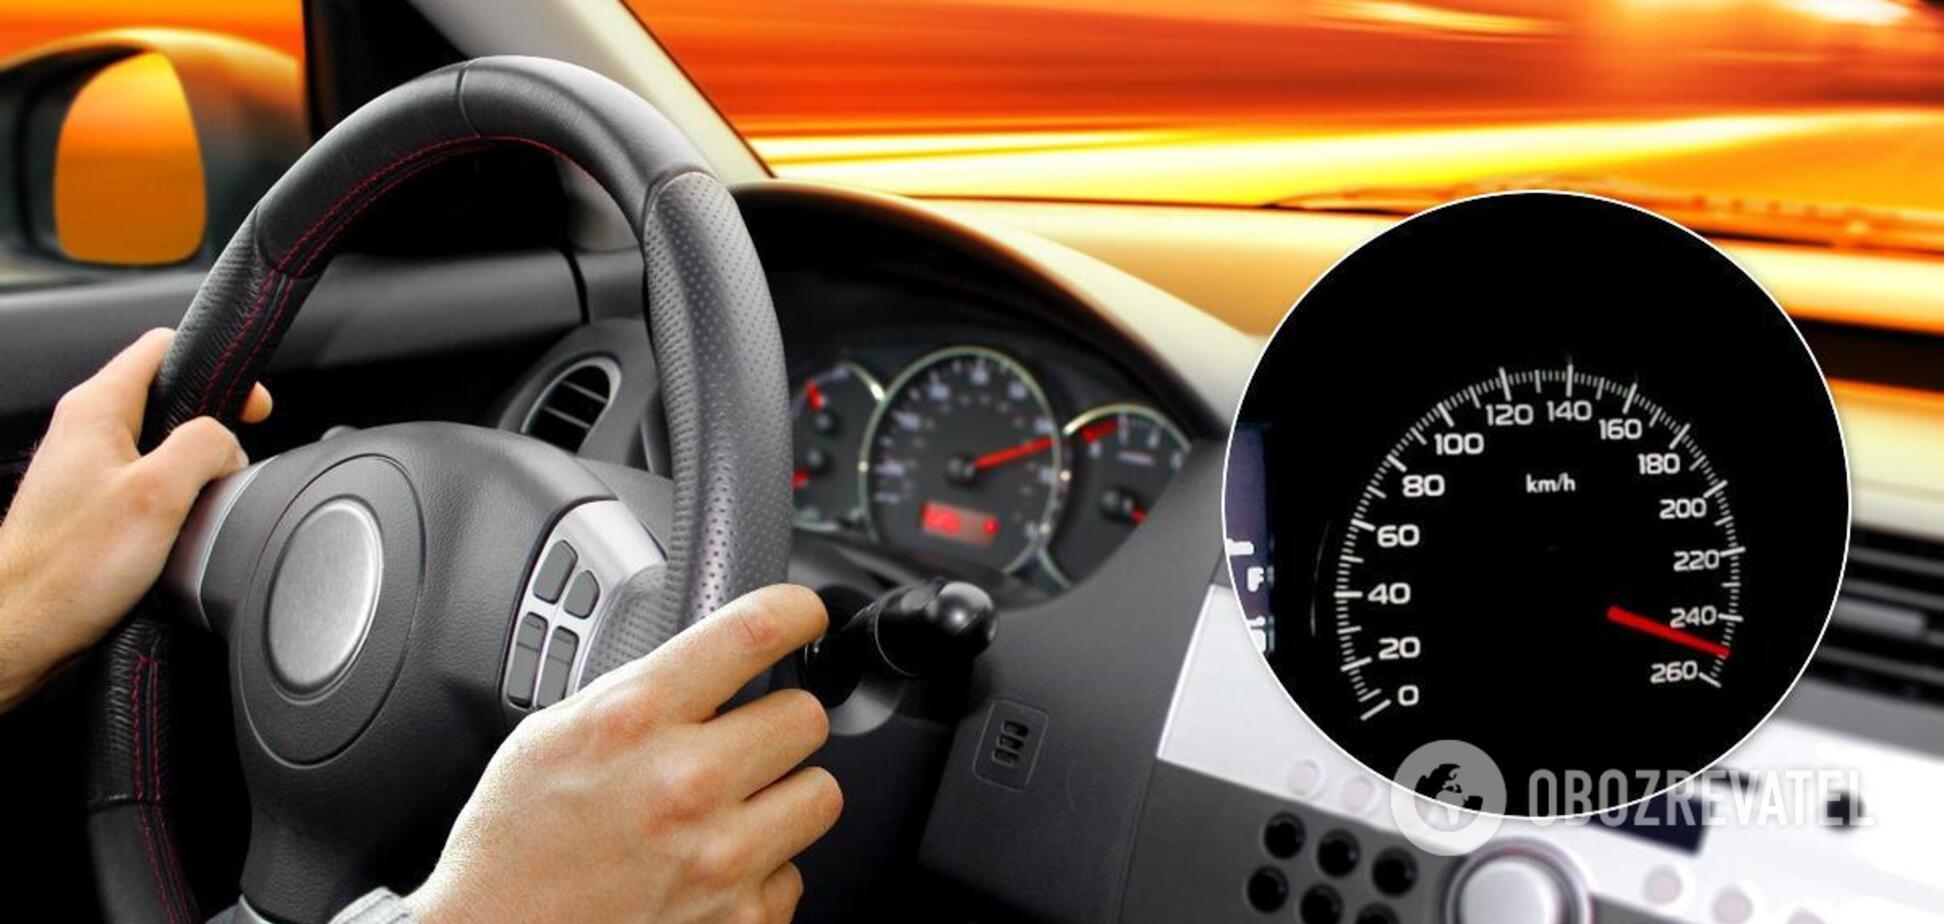 Авто мчало 231 км/час: полиция названа новых нарушителей скорости